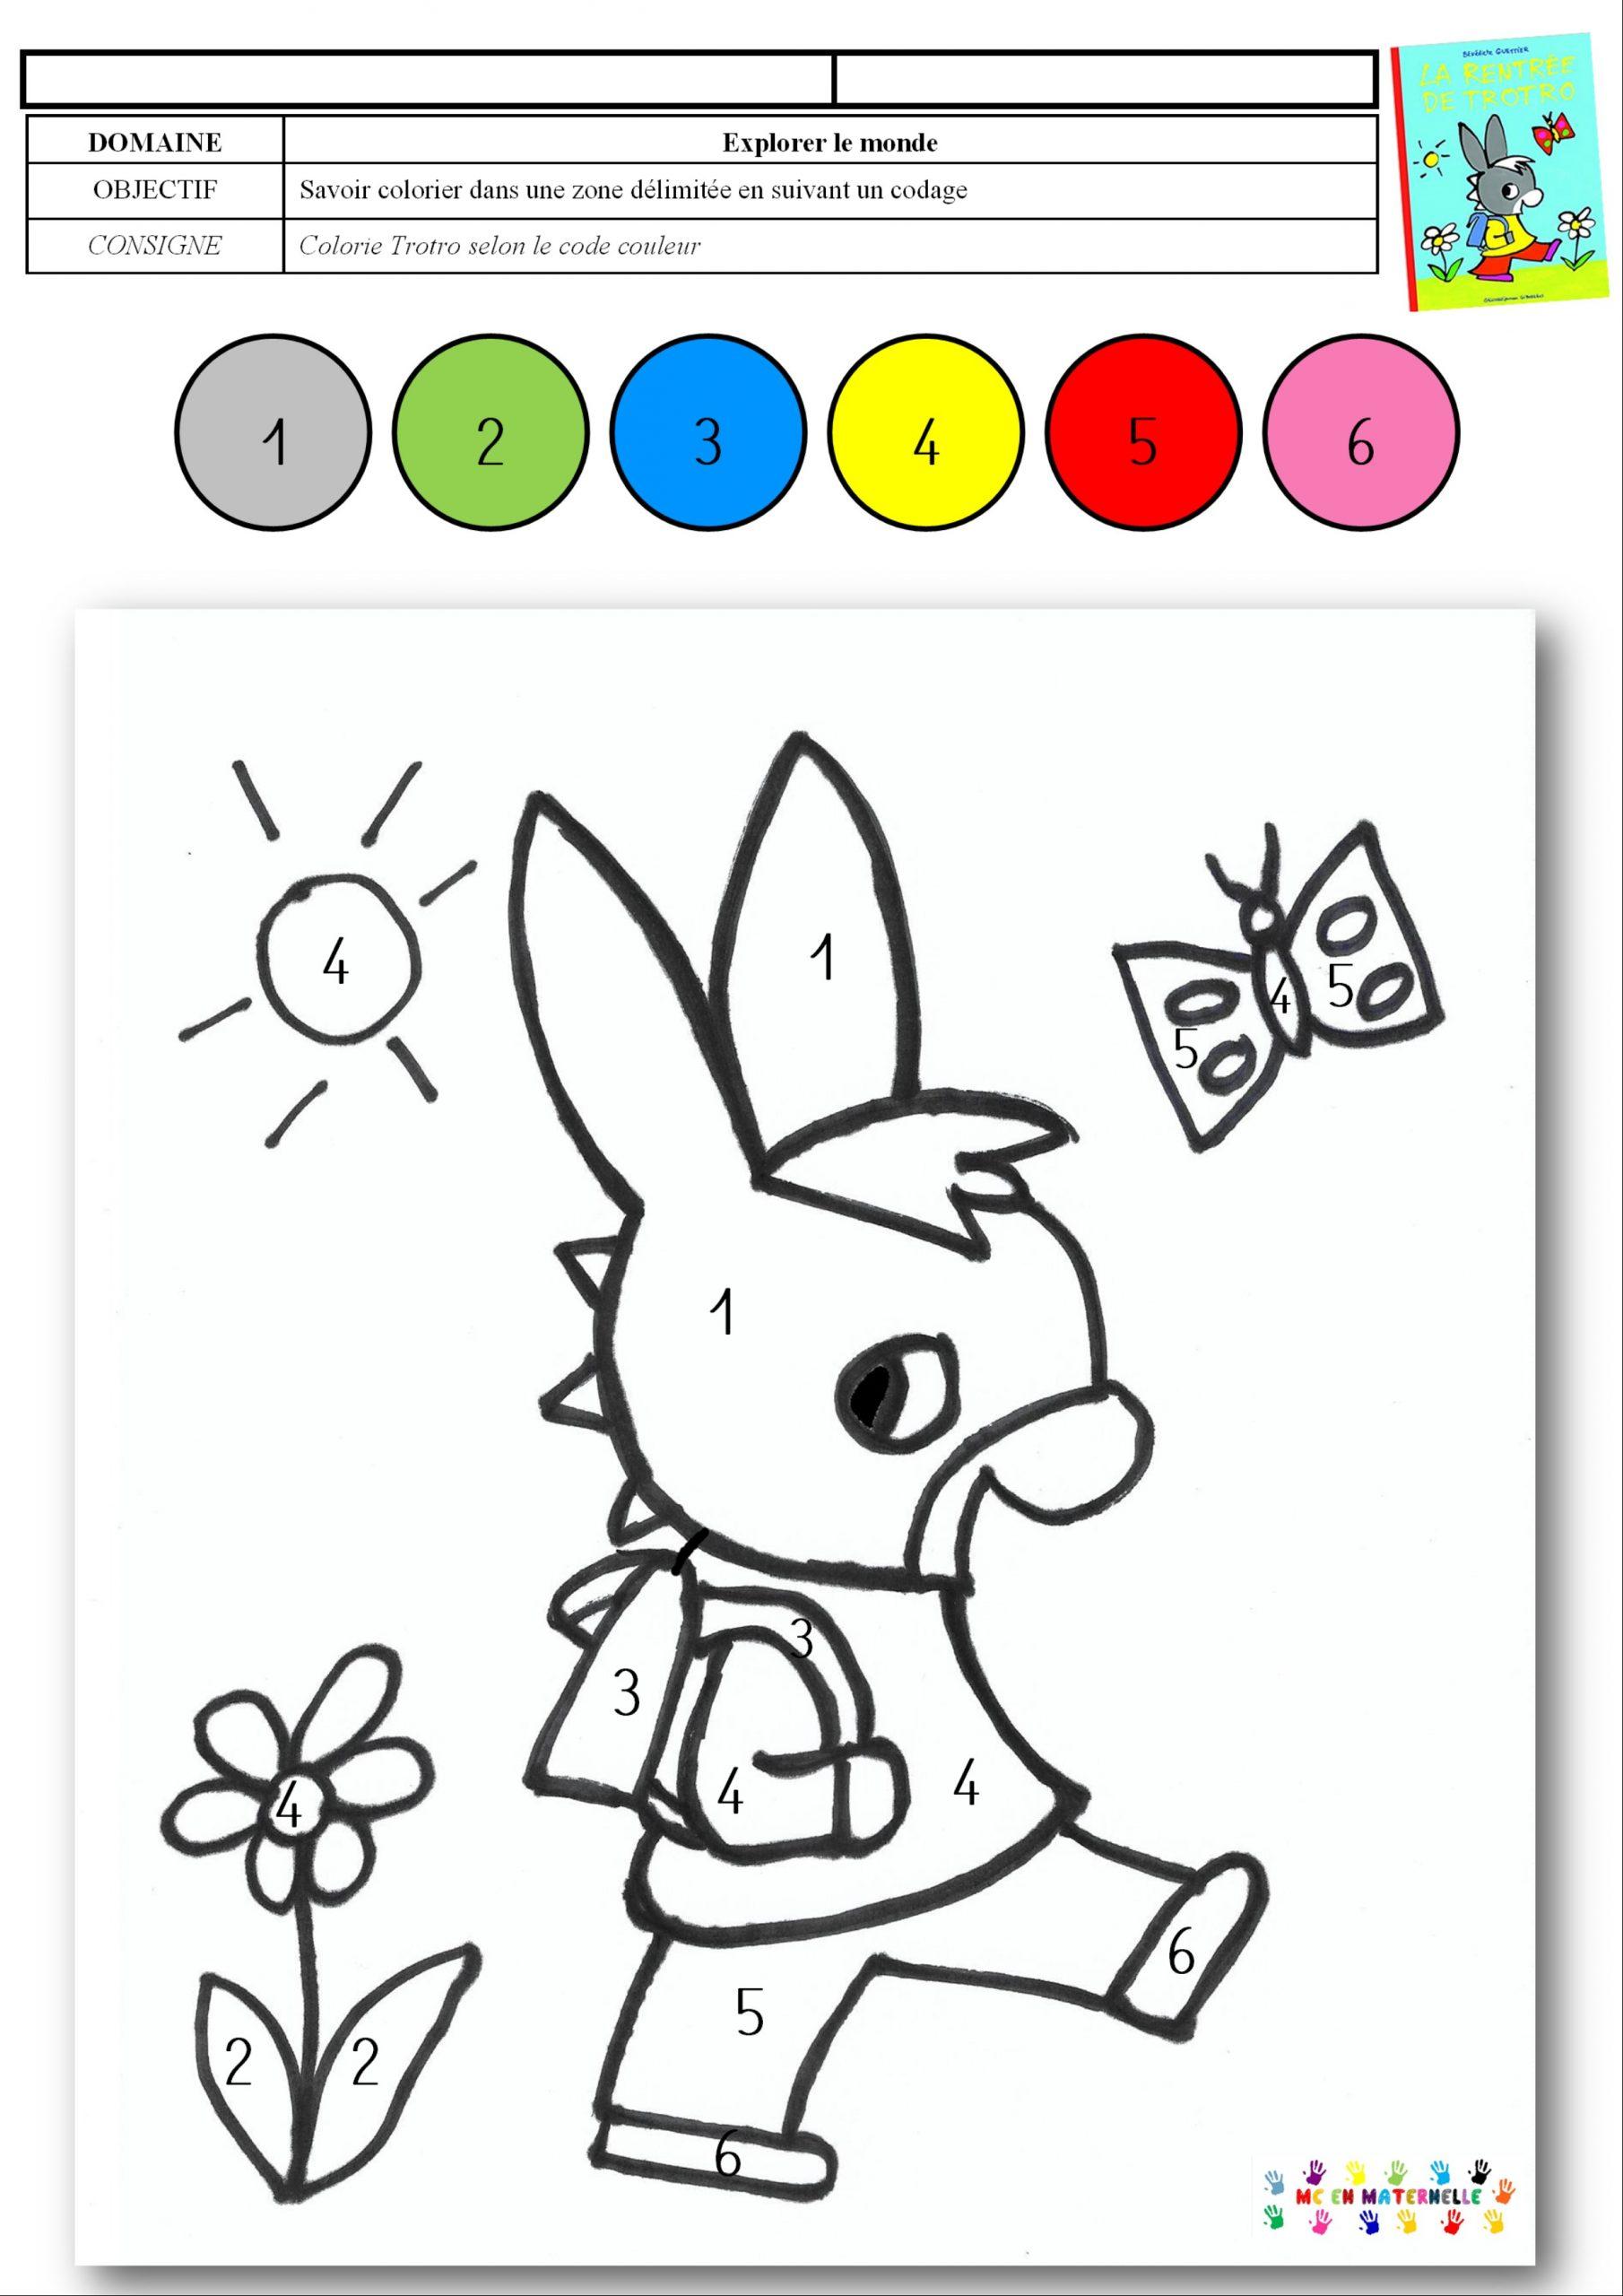 La Rentrée De Trotro : Coloriage Magique – Mc En Maternelle dedans Coloriage Maternelle Ps